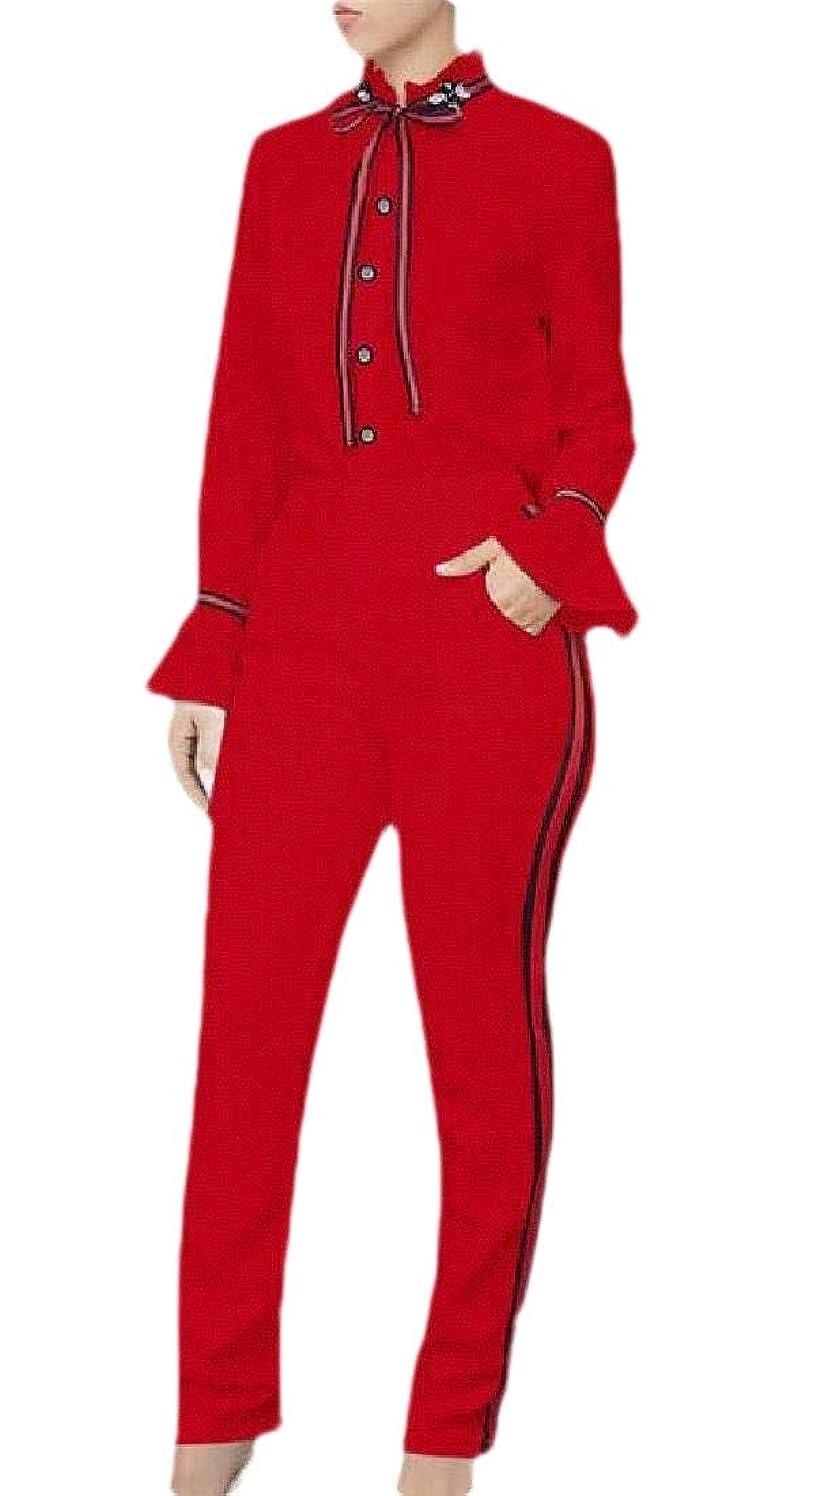 ライフル孤独なケントWomen Button Down Ruffle Sleeve Shirt And Pants Formal Work 2 Pieces Suit Set